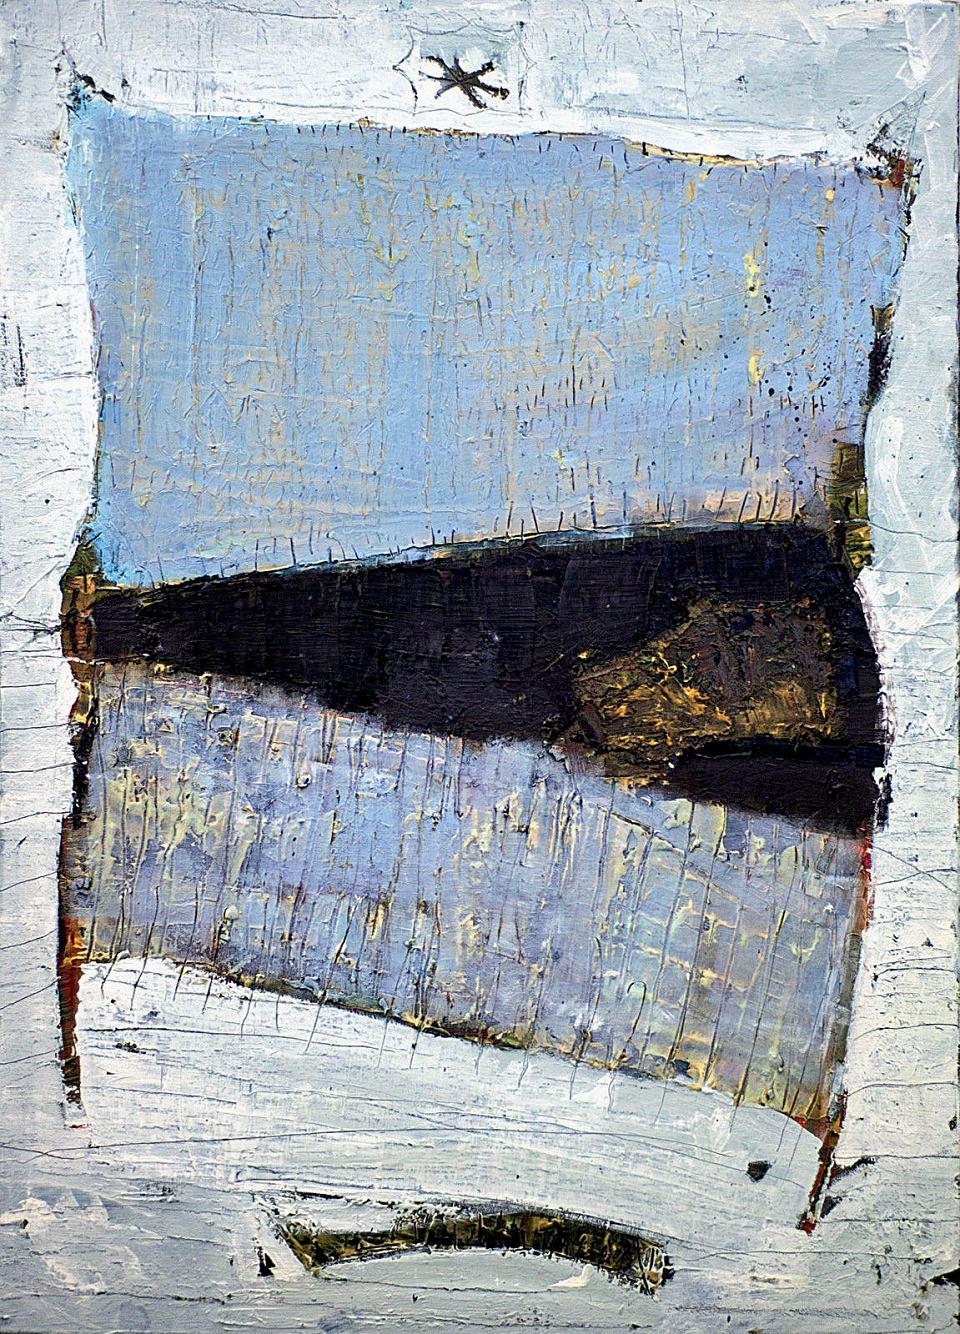 Zdjęcie numer 2 w galerii - W Wejściówce zapis wrażeń ulotnych Mateusza Pawełczyka